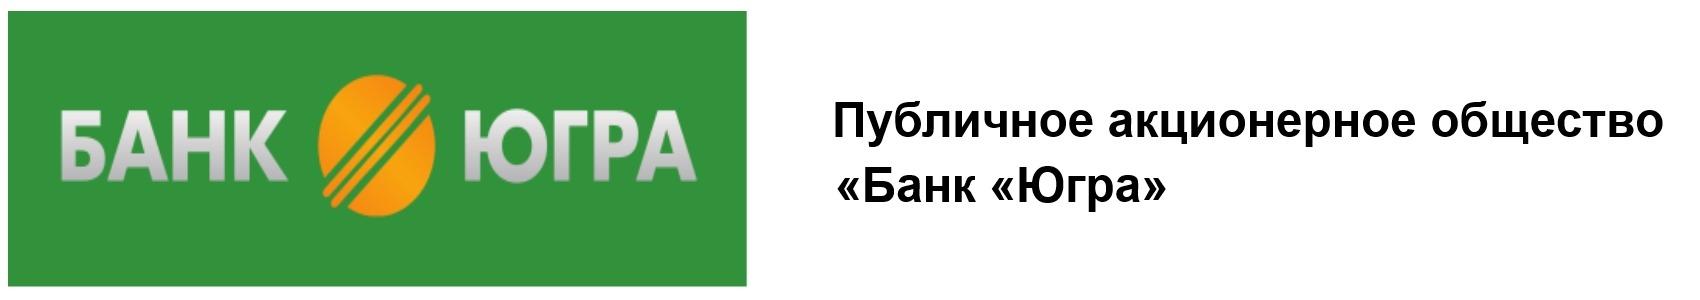 ПАО «Банк «Югра»